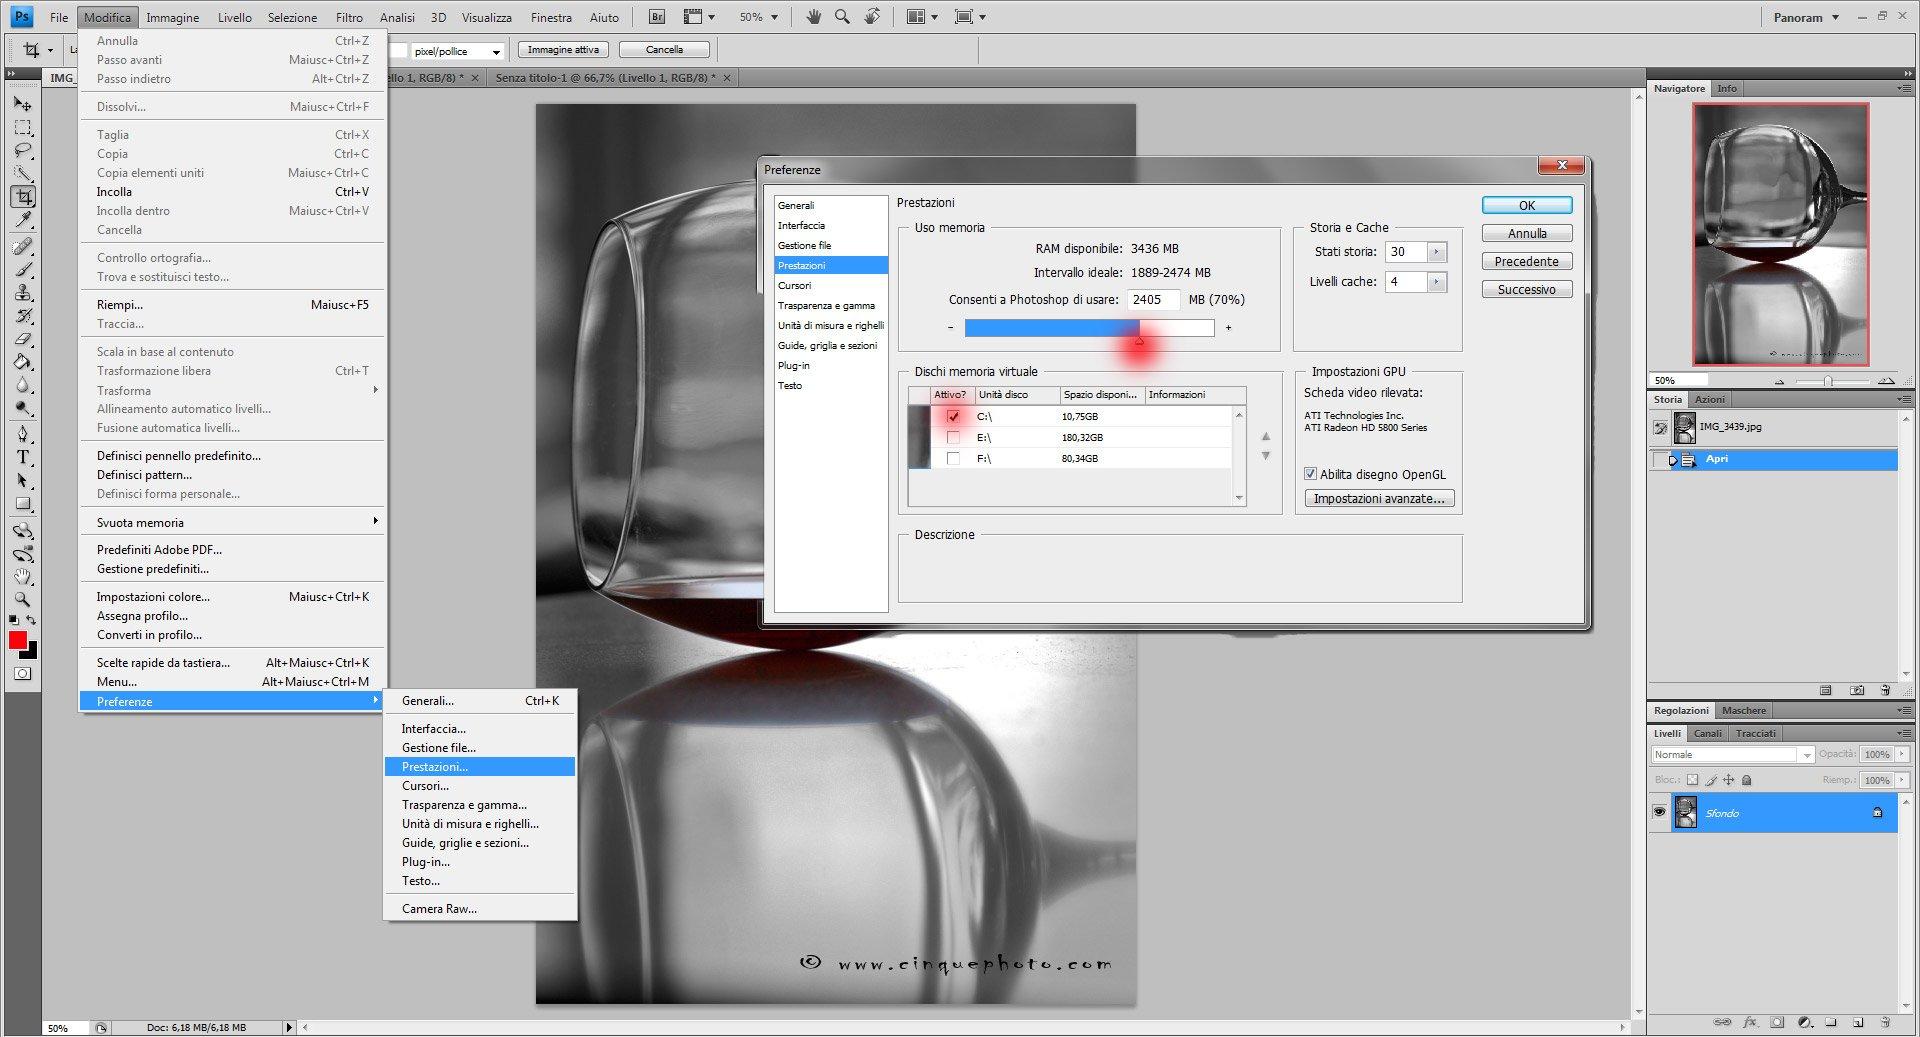 Aumentare prestazioni Photoshop